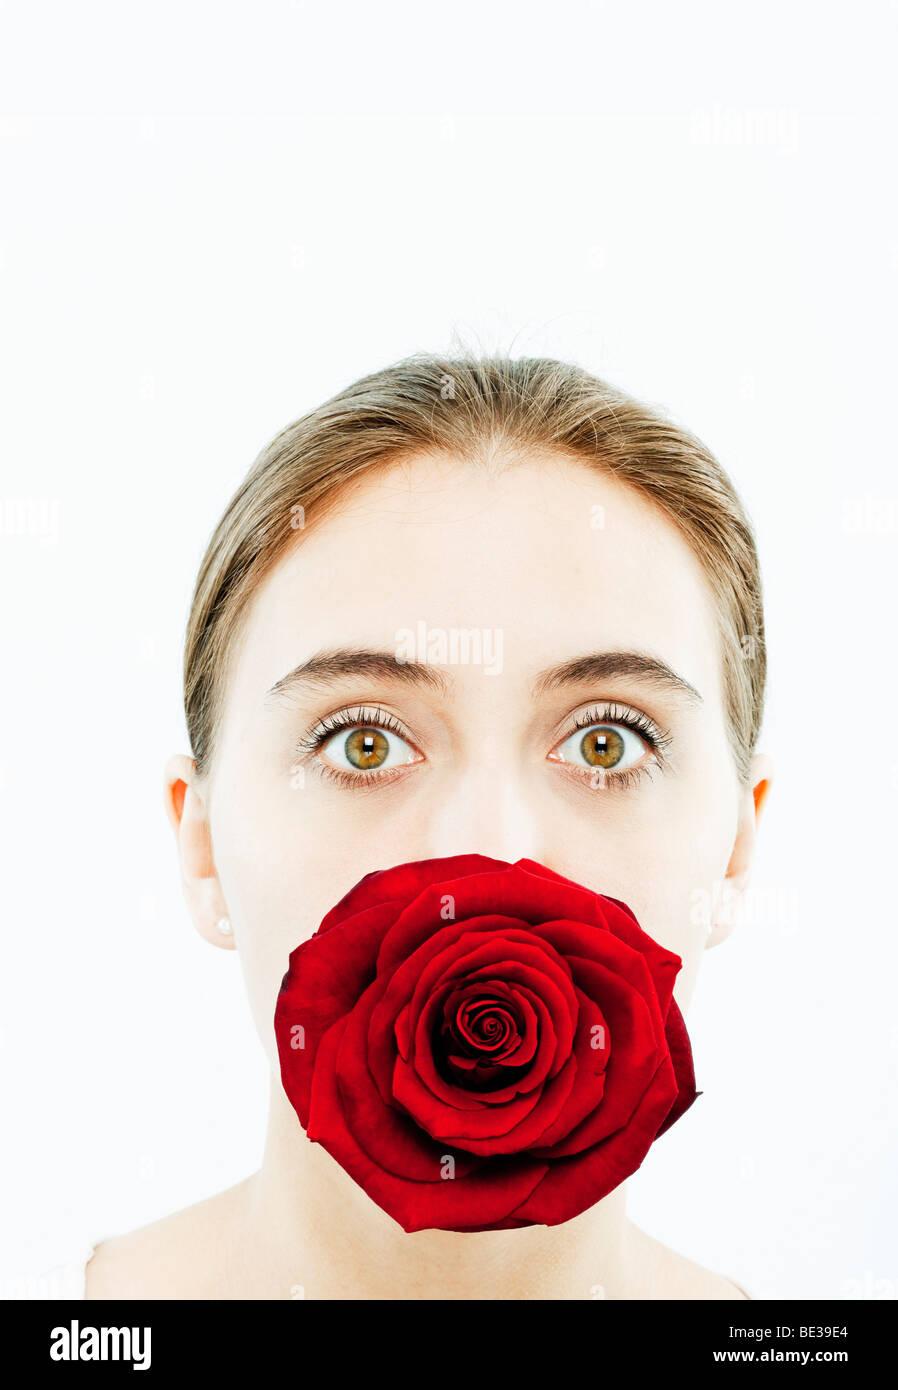 Ritratto di giovane donna con una rosa in bocca Immagini Stock